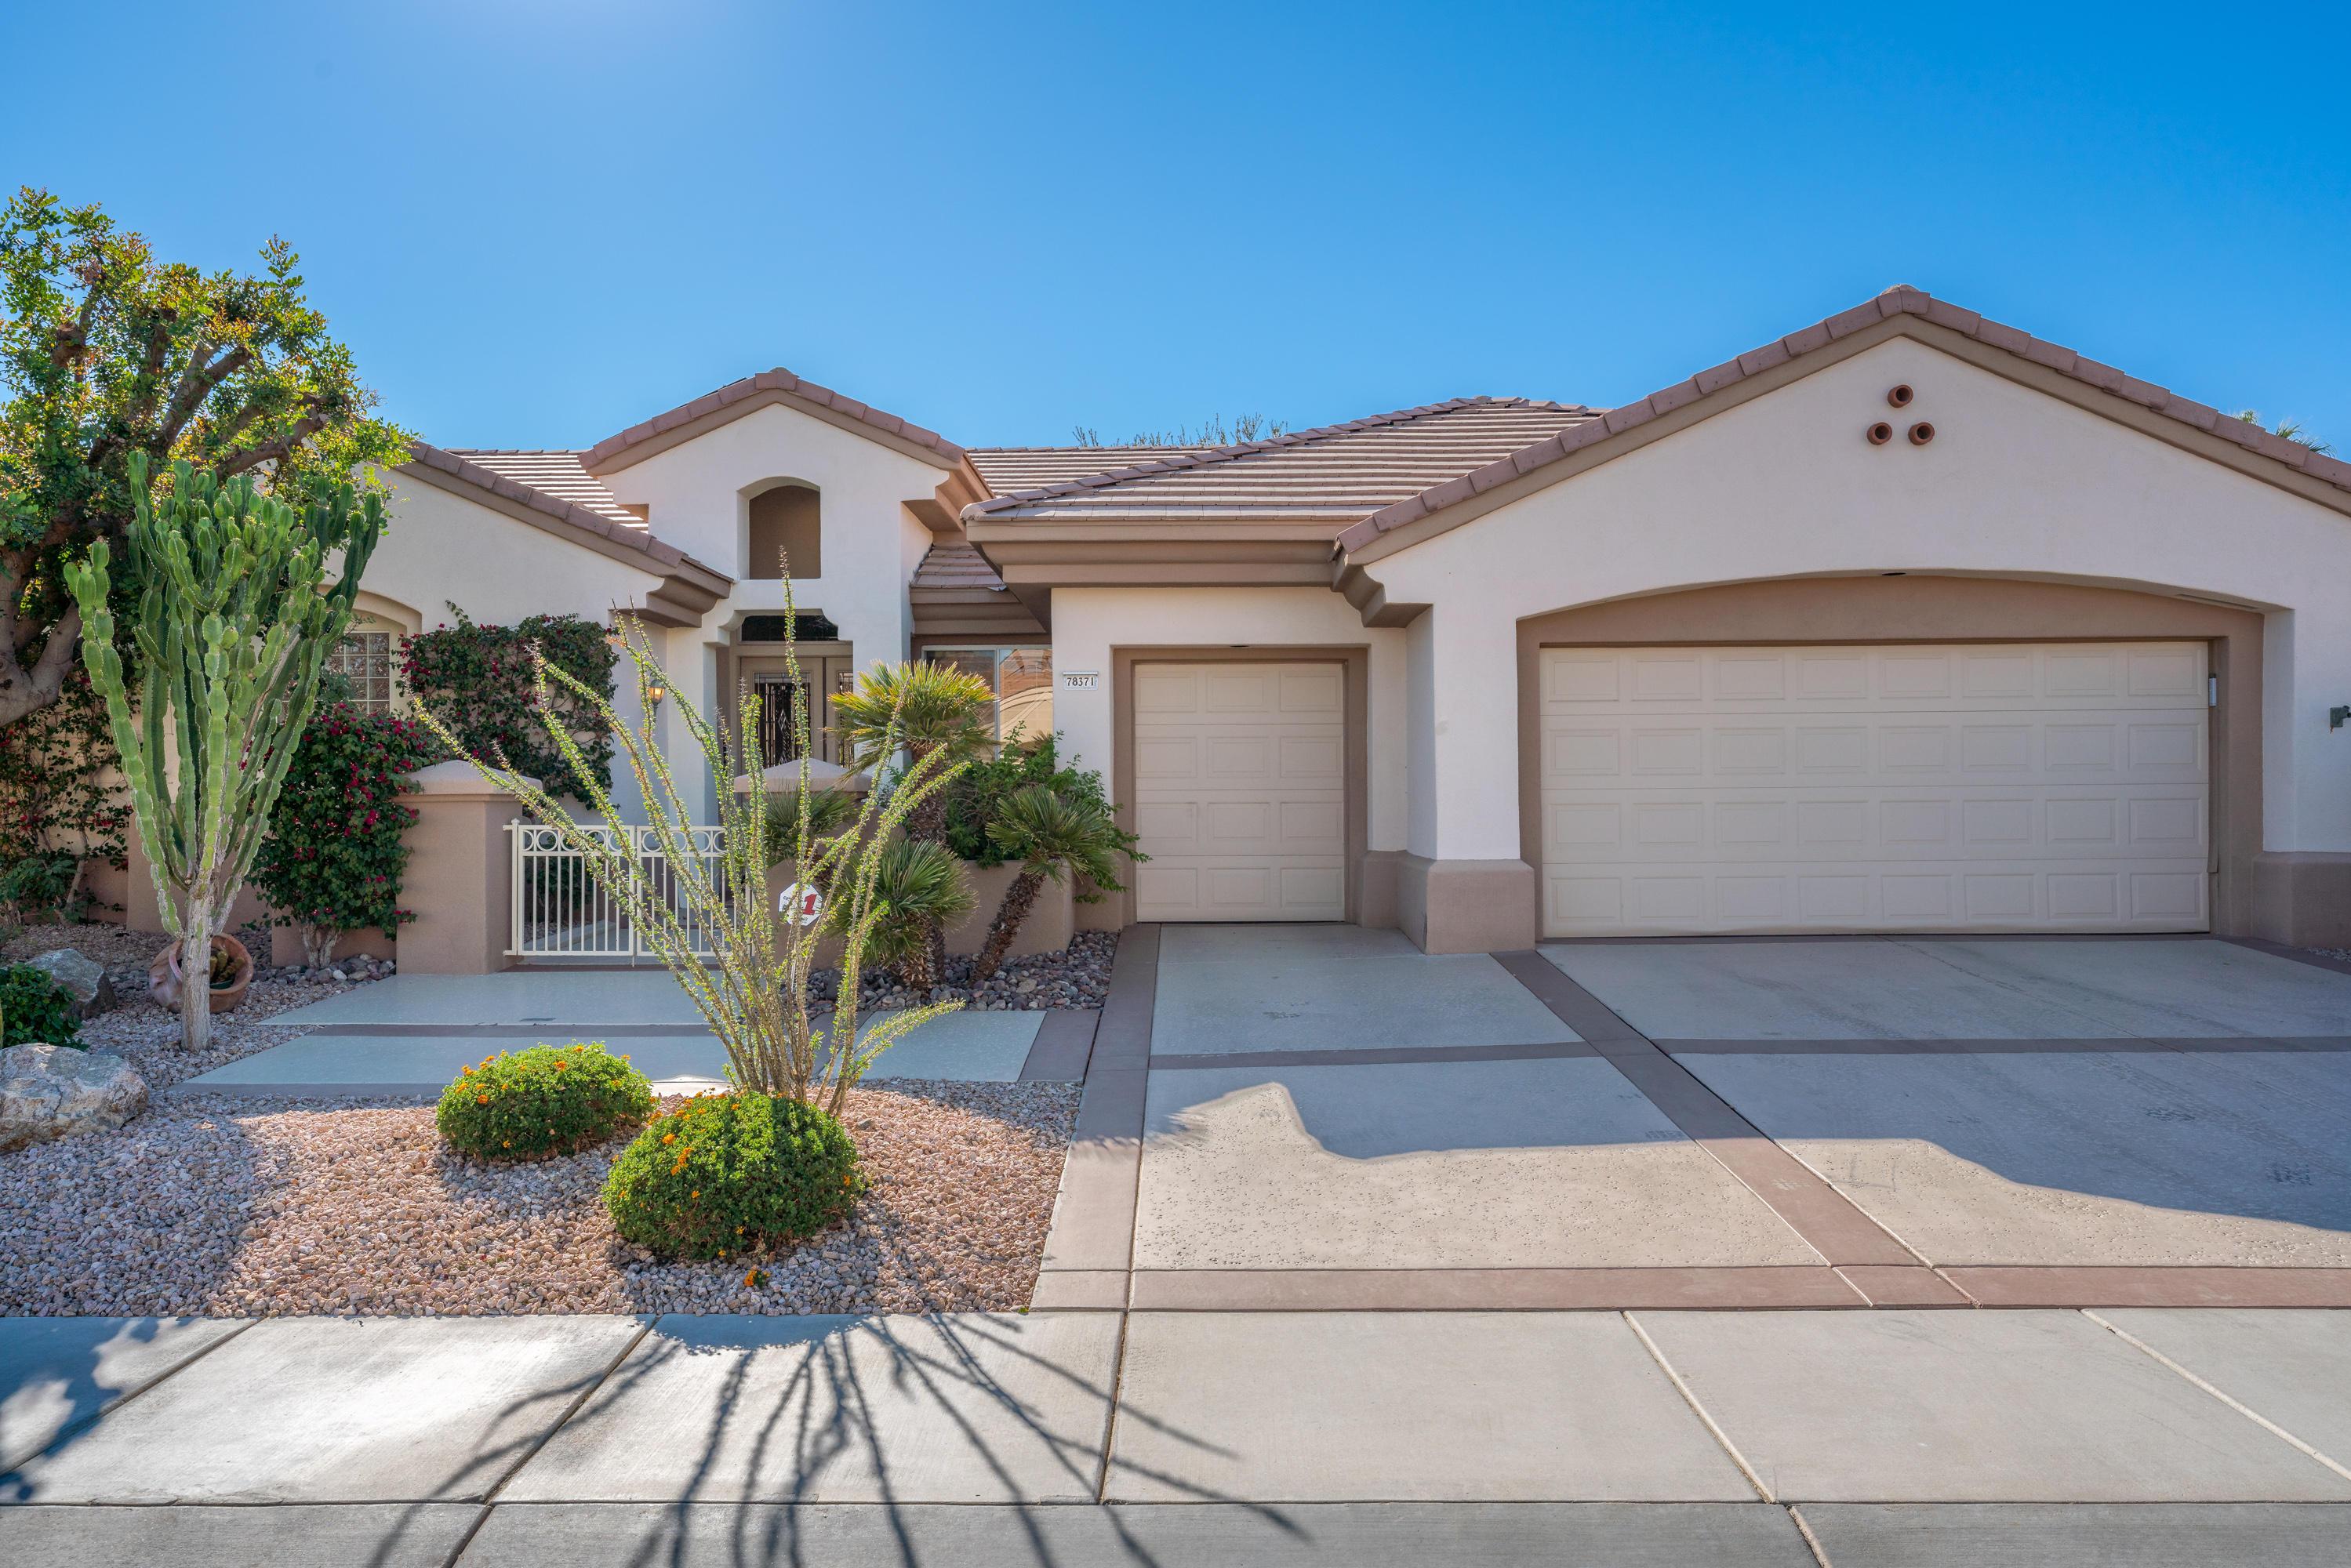 Photo of 78371 Grape Arbor Avenue, Palm Desert, CA 92211